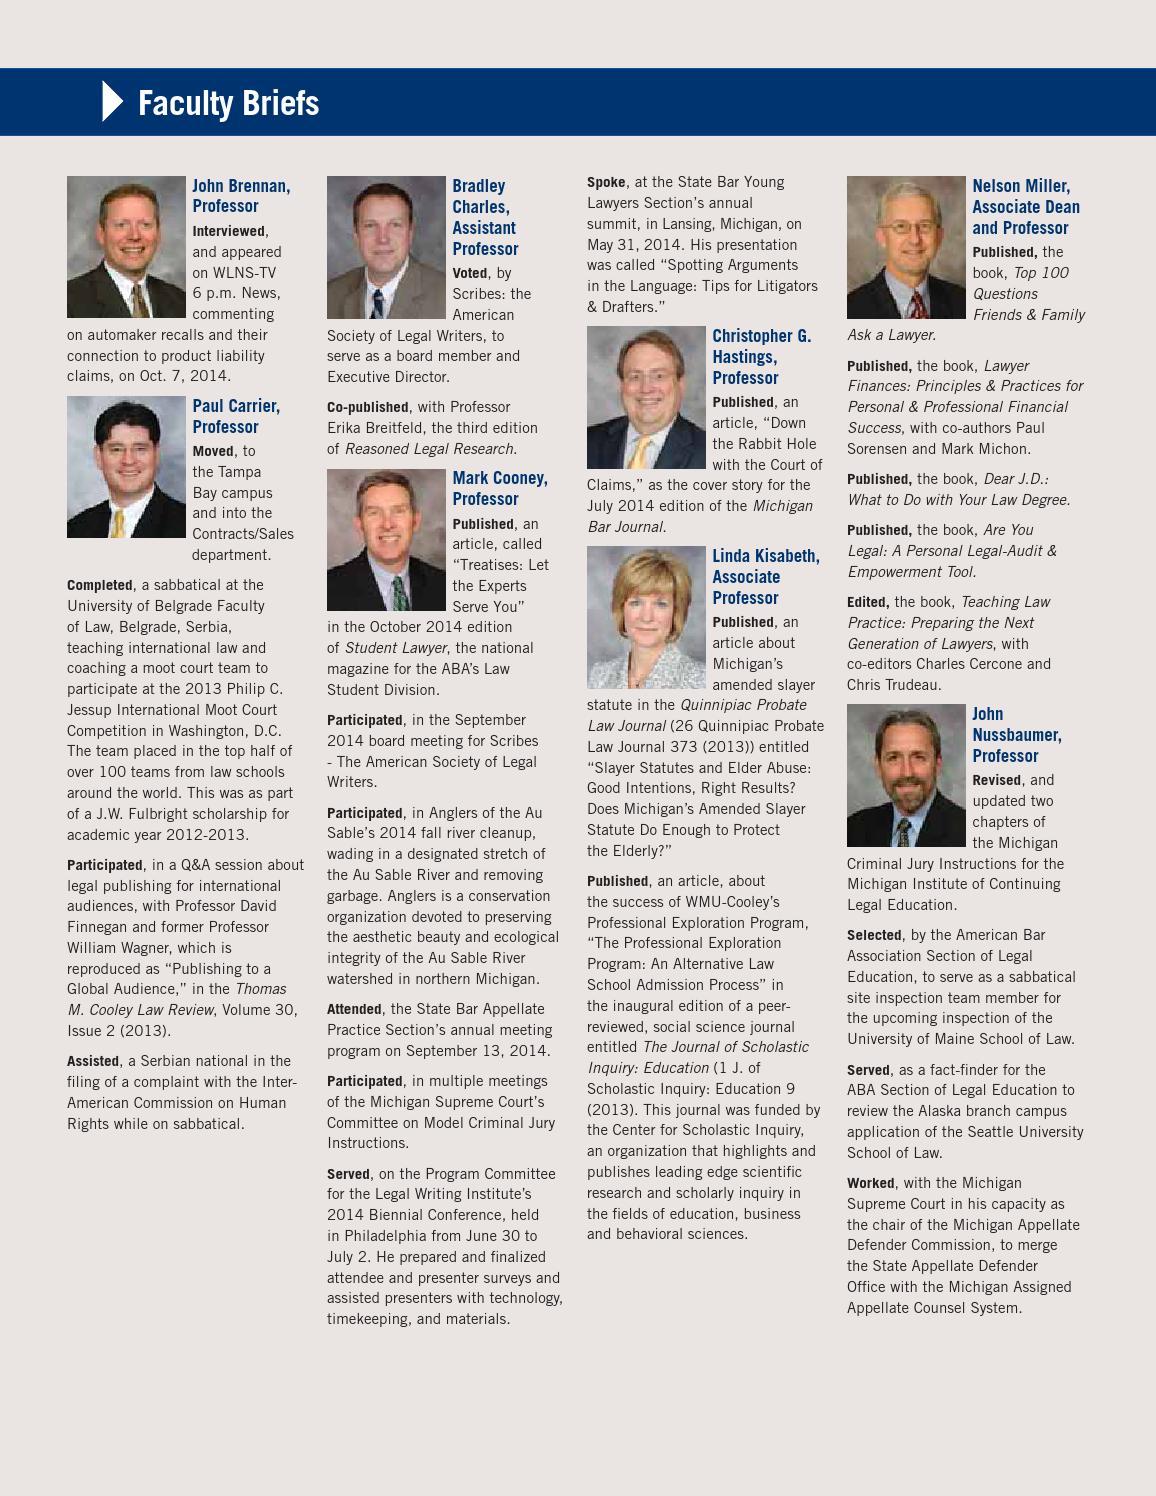 Winter 2014 Benchmark Alumni Magazine By Wmu Cooley Law School Issuu